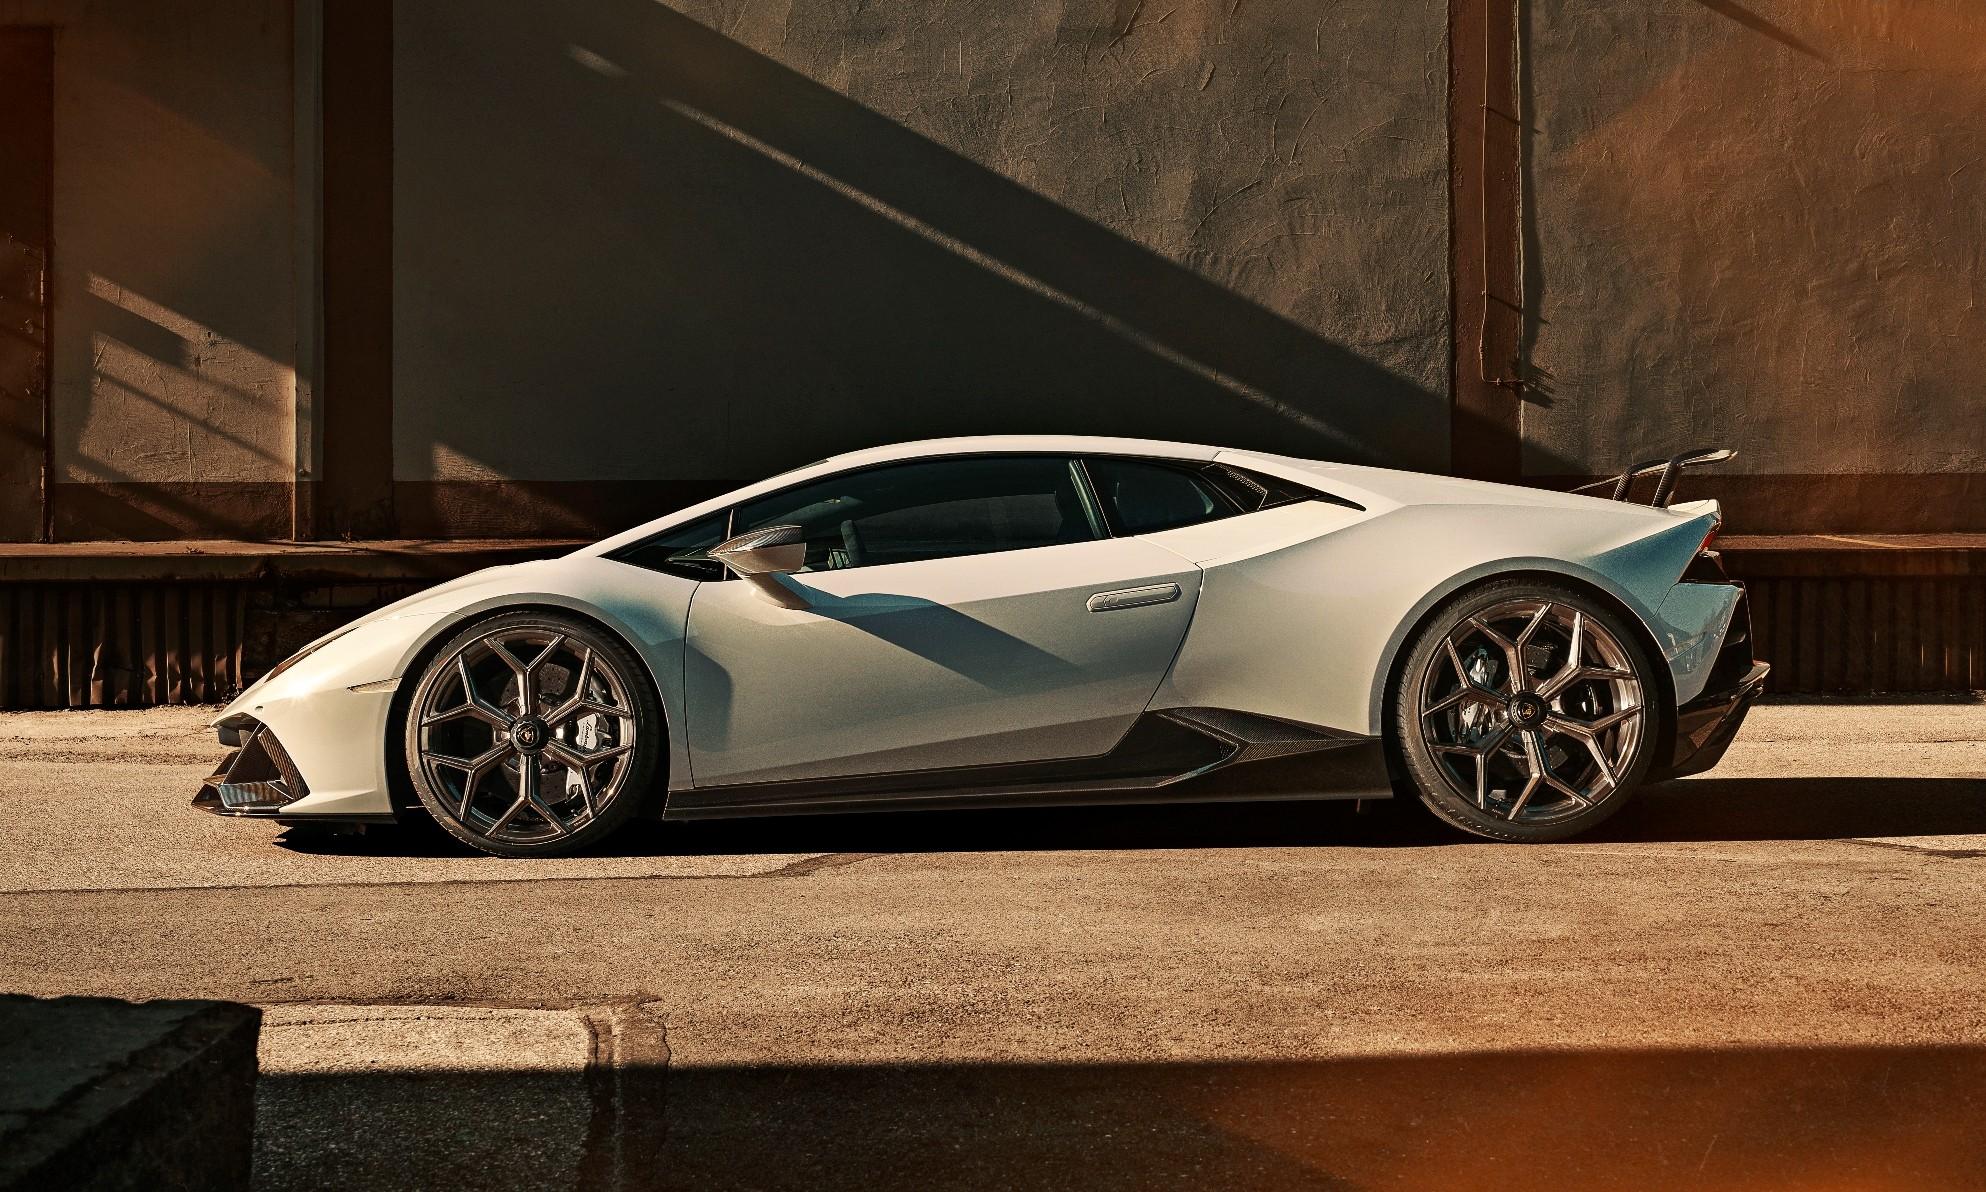 Novitec Lamborghini Huracan Evo profile